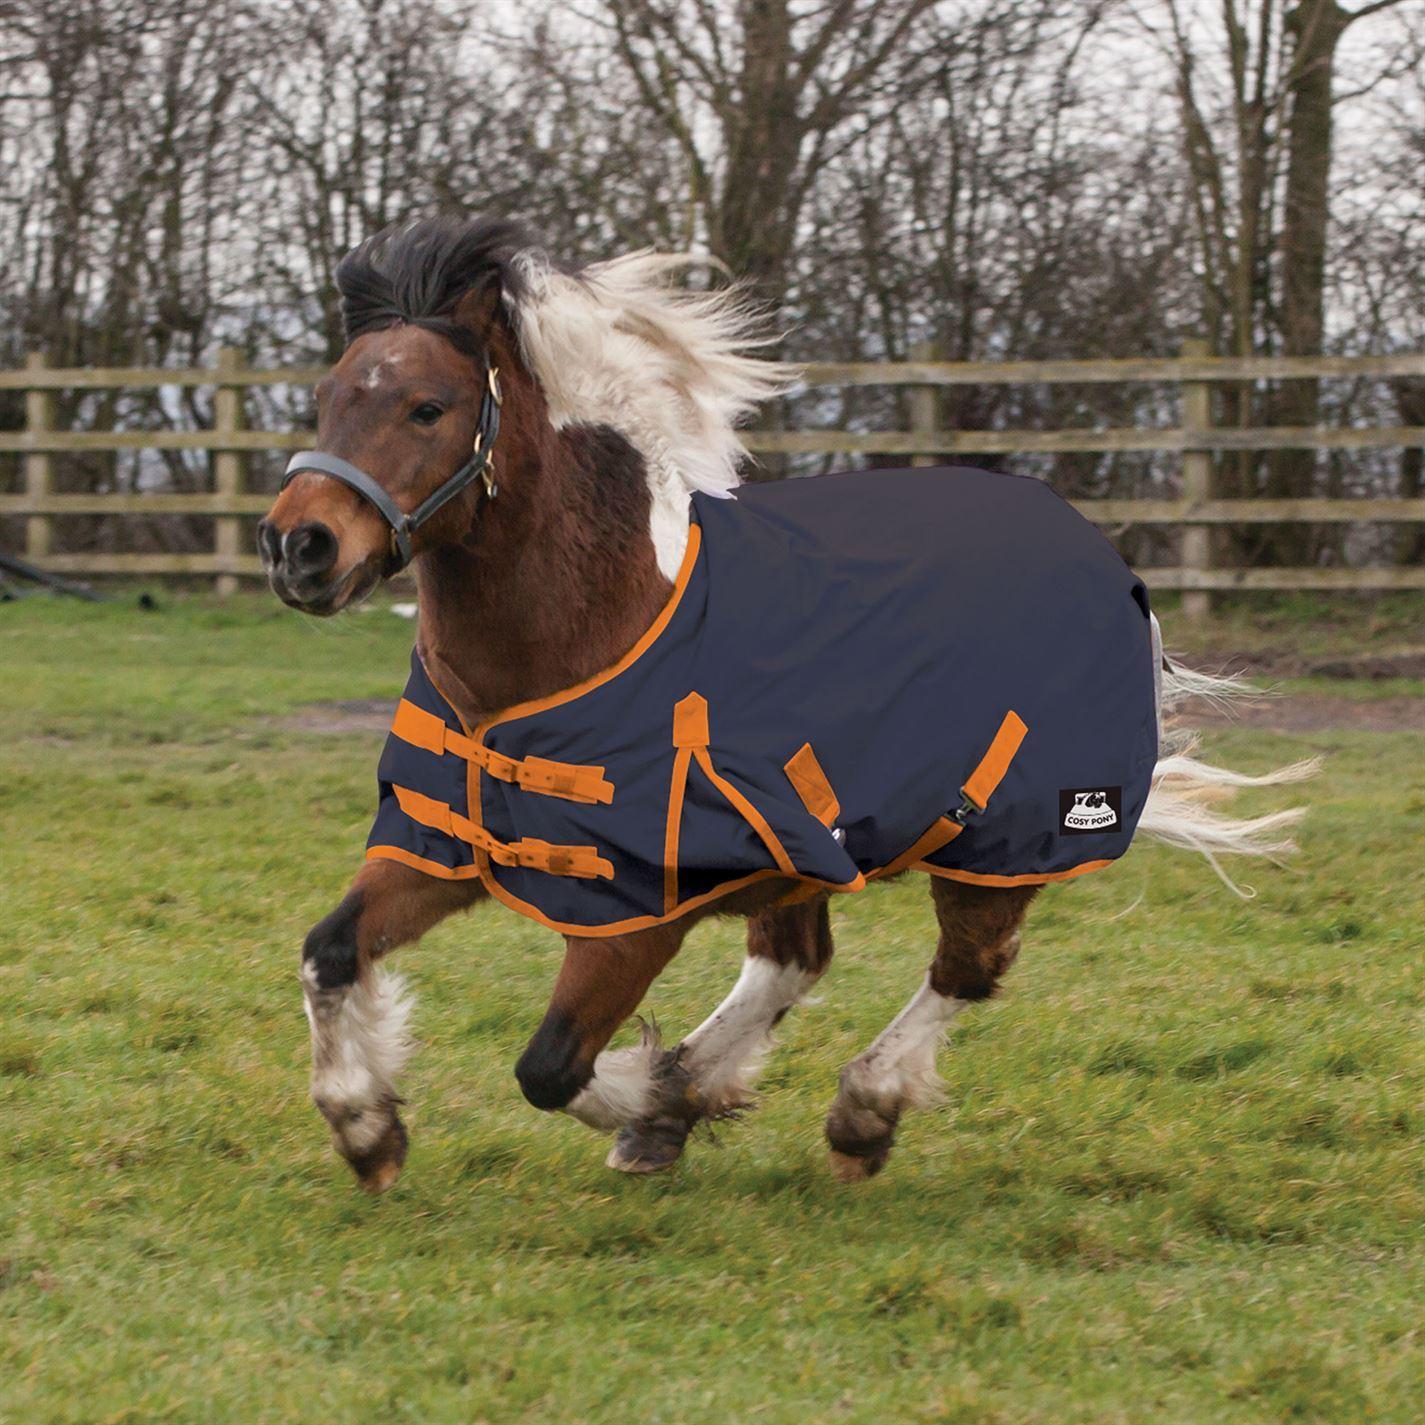 Requisite Cavalier Standard Medium Pony Turnout Turnout Pony Unisex Horse Rug Water Repellent c75f7c